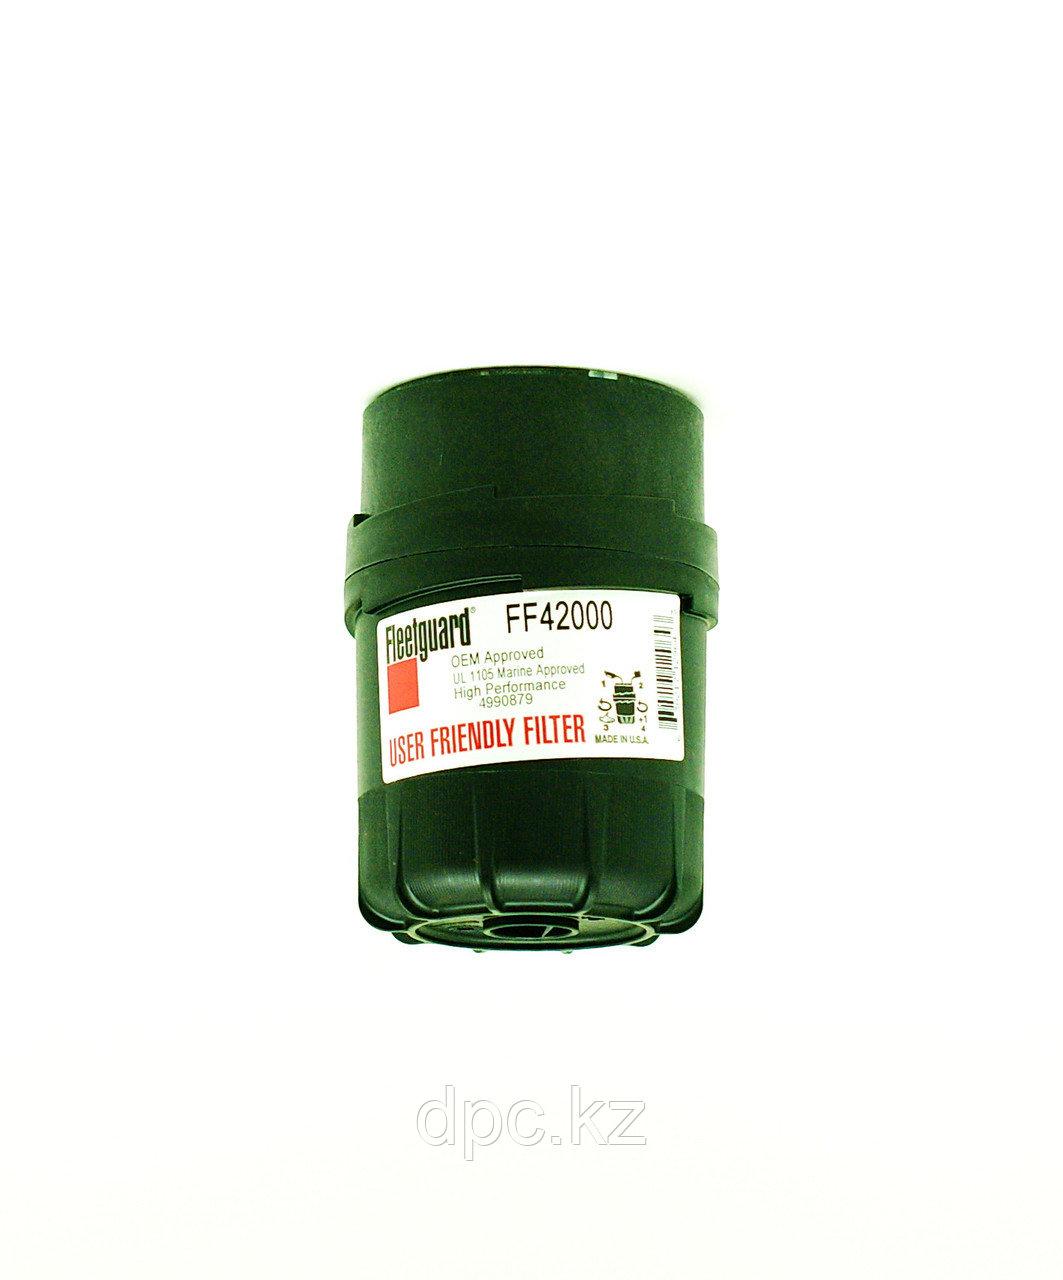 Топливный фильтр Fleetguard Cummins FF42000 4990879